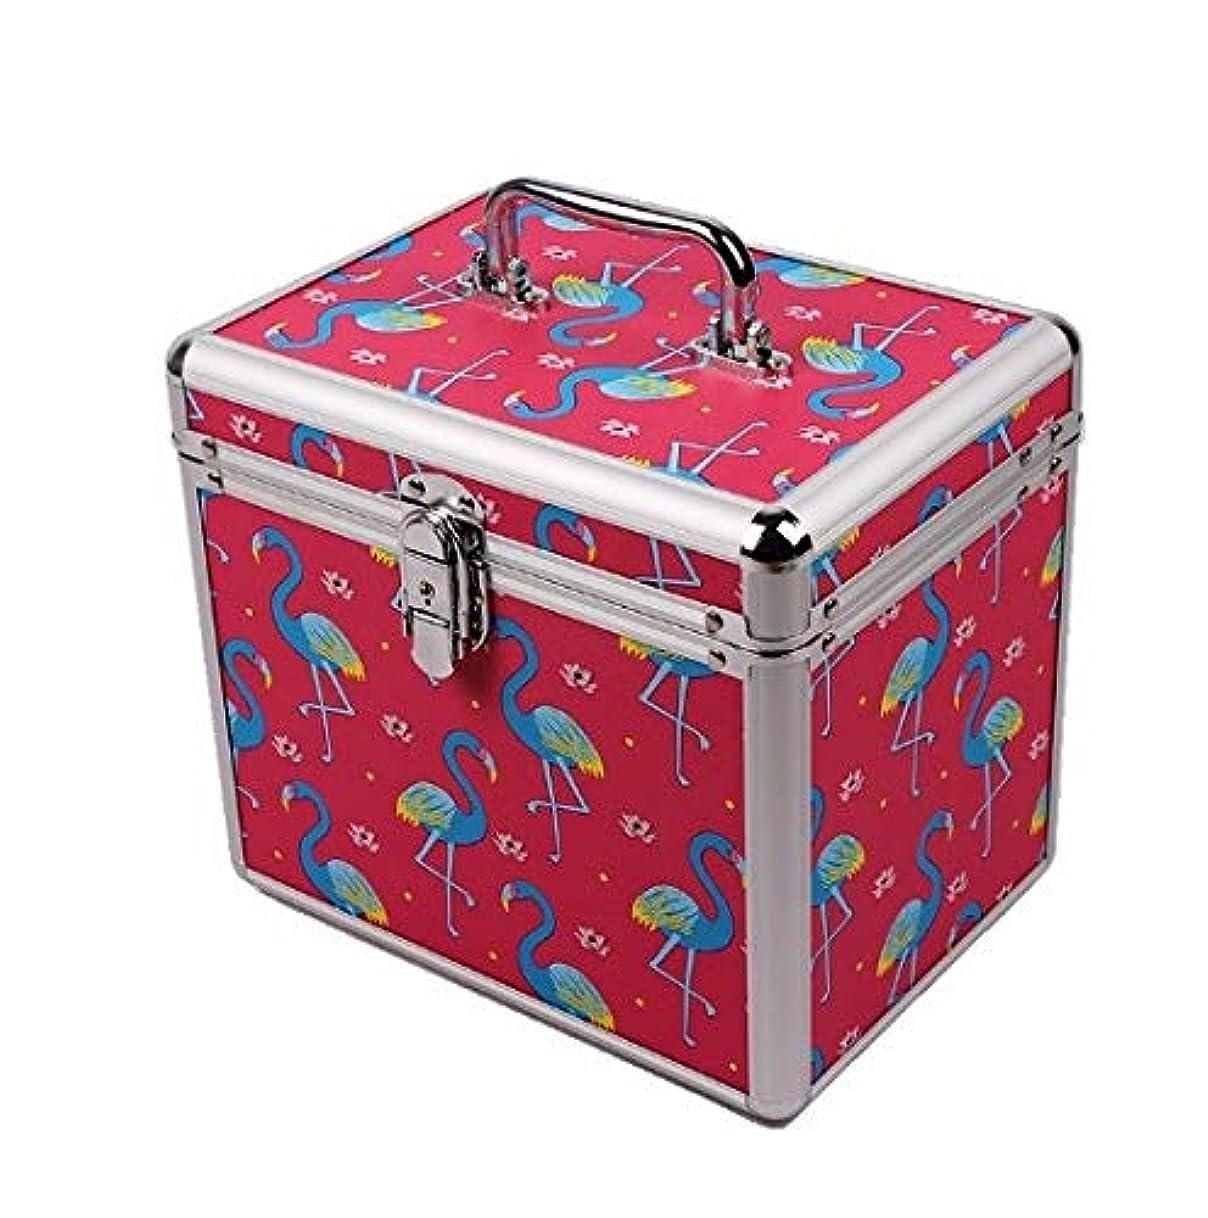 ピクニック飲食店野心化粧品ケース、ポータブル二重層ロックフットバス技術者ポータブルツールボックス、ポータブル旅行化粧品ケース、美容ネイルジュエリー収納ボックス (Design : 1#)